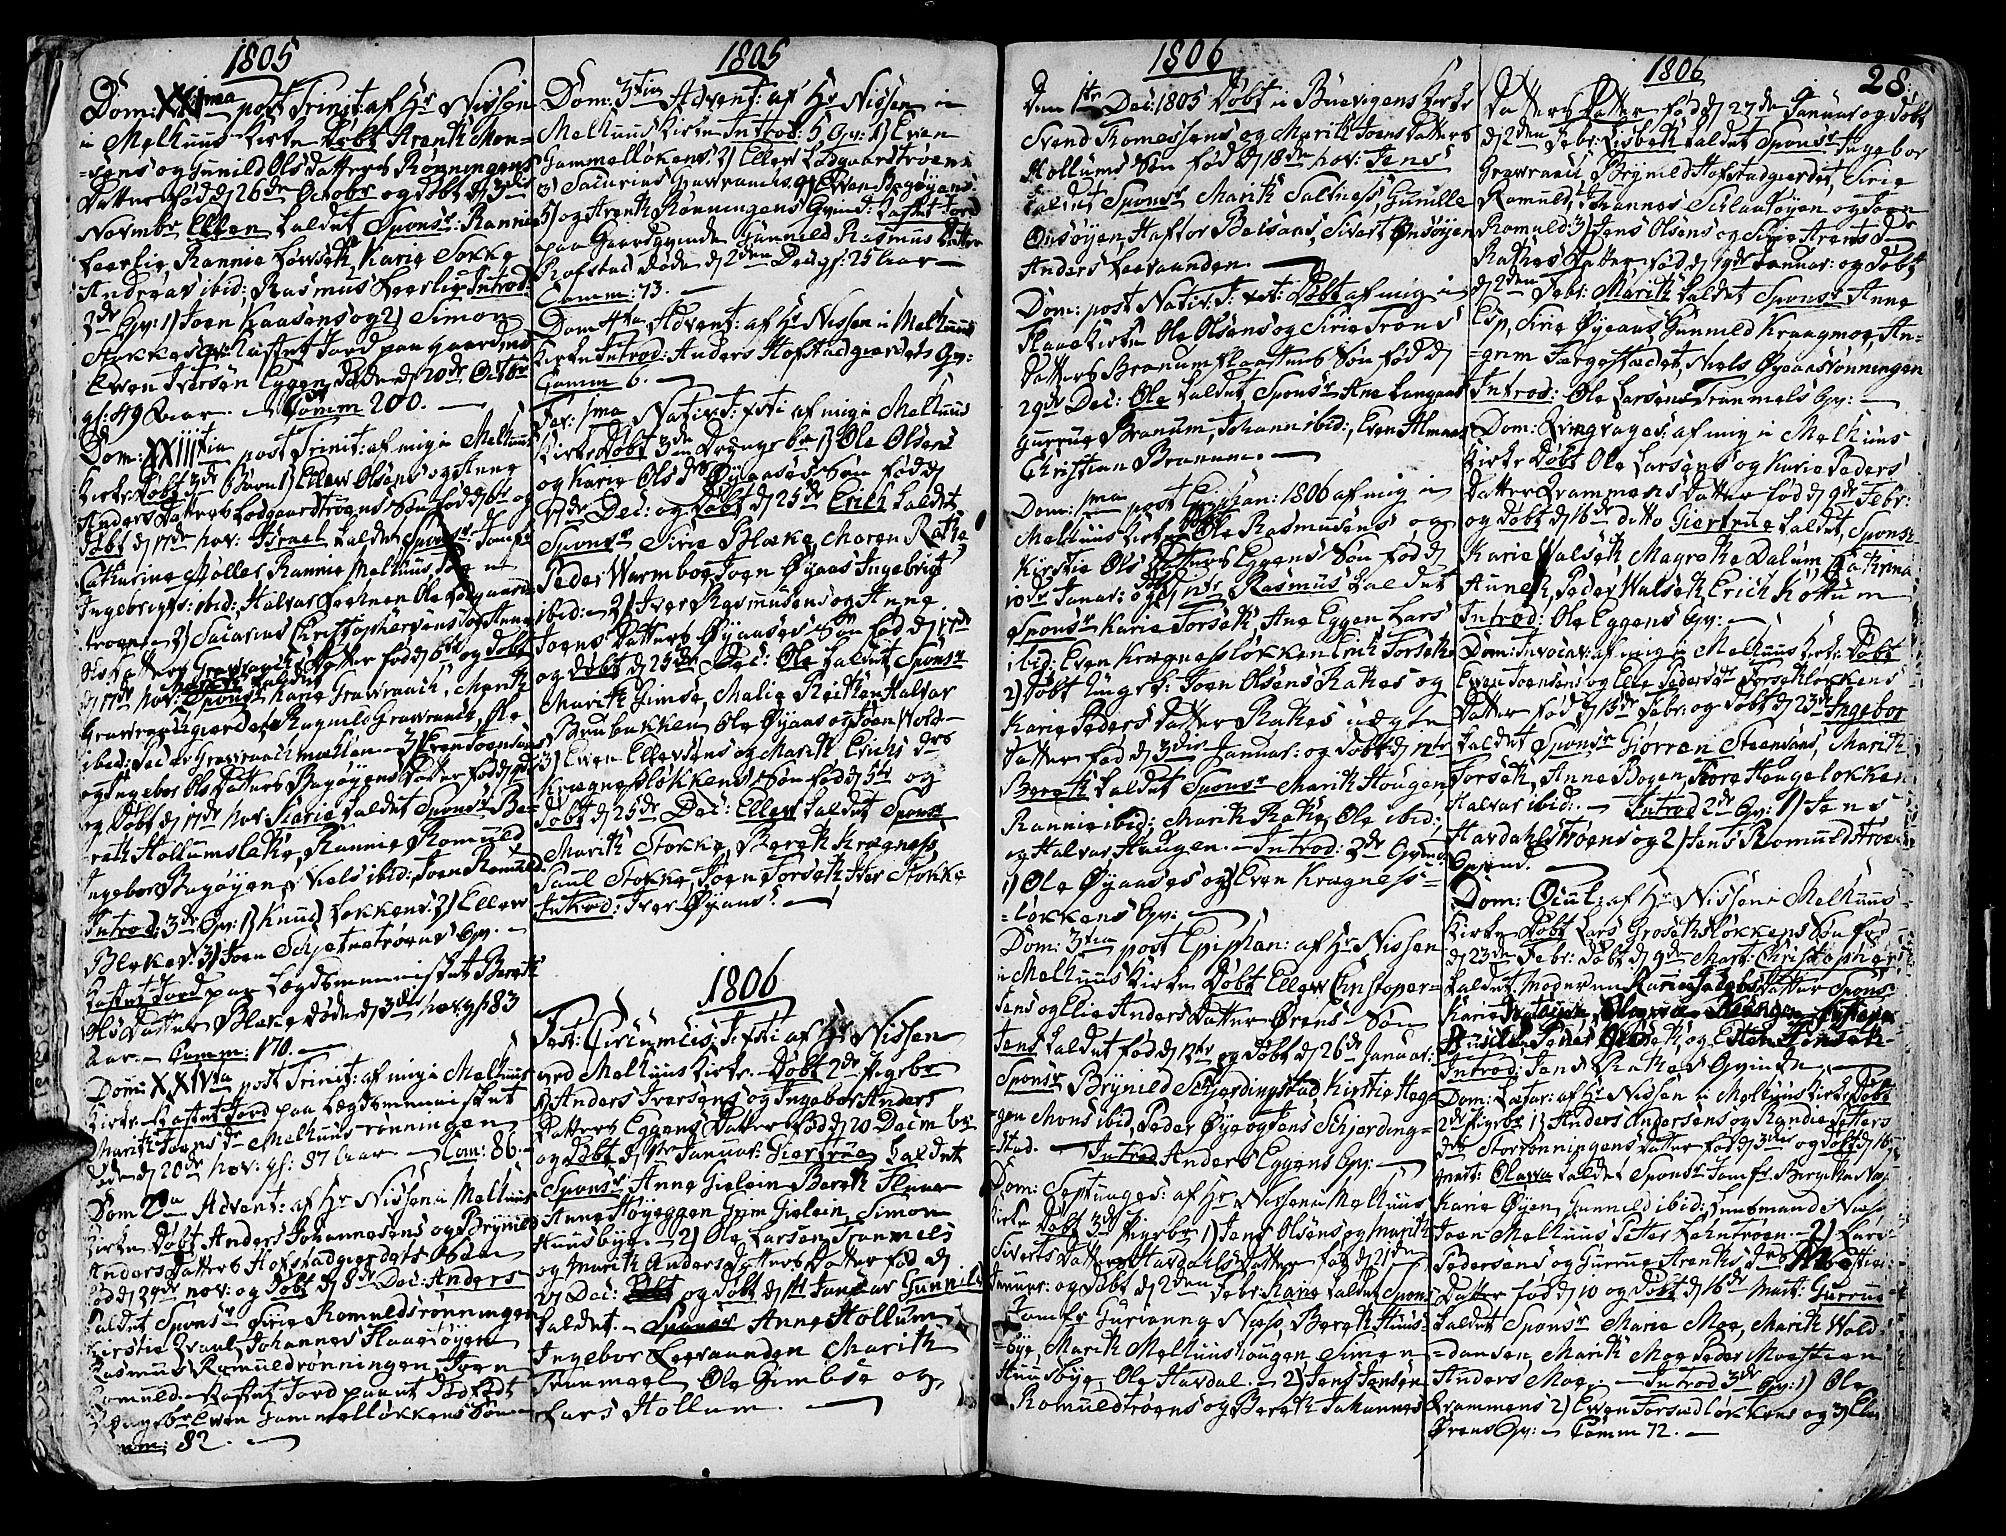 SAT, Ministerialprotokoller, klokkerbøker og fødselsregistre - Sør-Trøndelag, 691/L1061: Ministerialbok nr. 691A02 /1, 1768-1815, s. 28